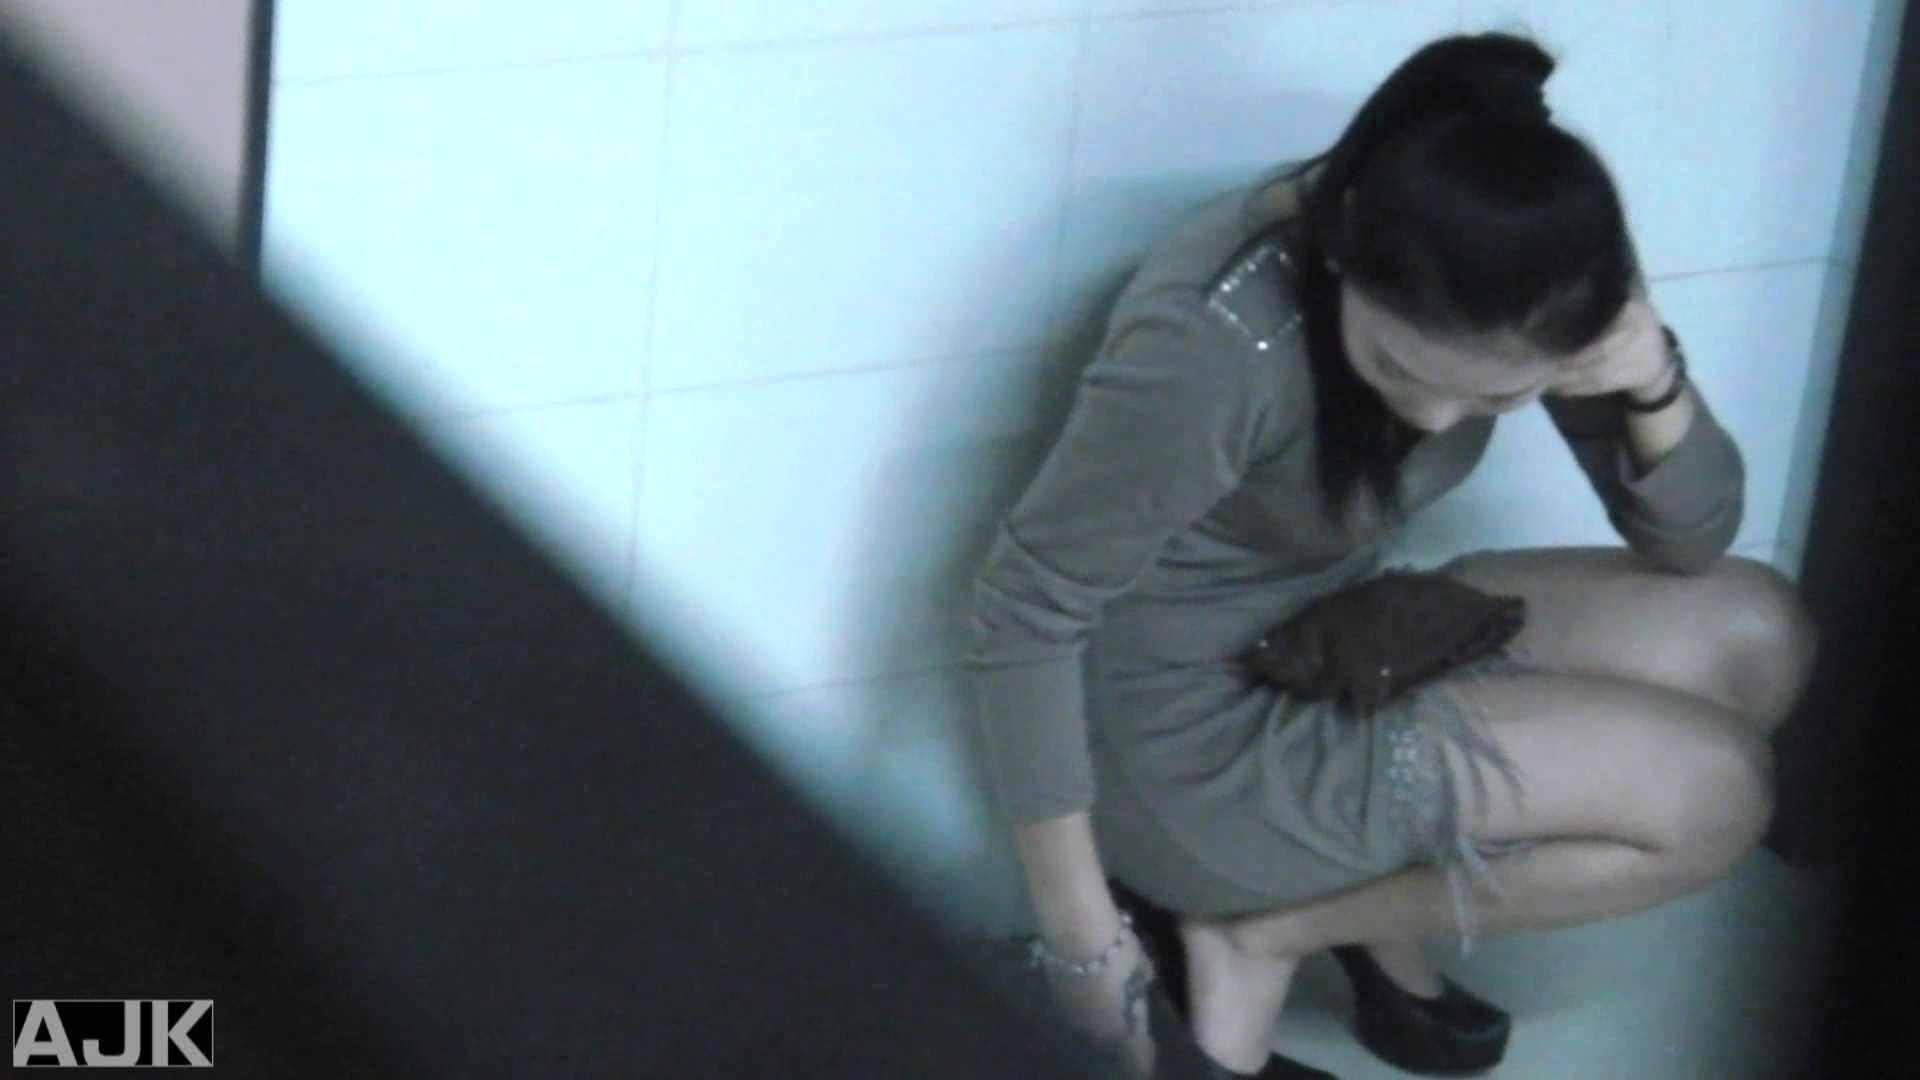 隣国上階級エリアの令嬢たちが集うデパートお手洗い Vol.25 盗撮で悶絶 SEX無修正画像 105画像 80